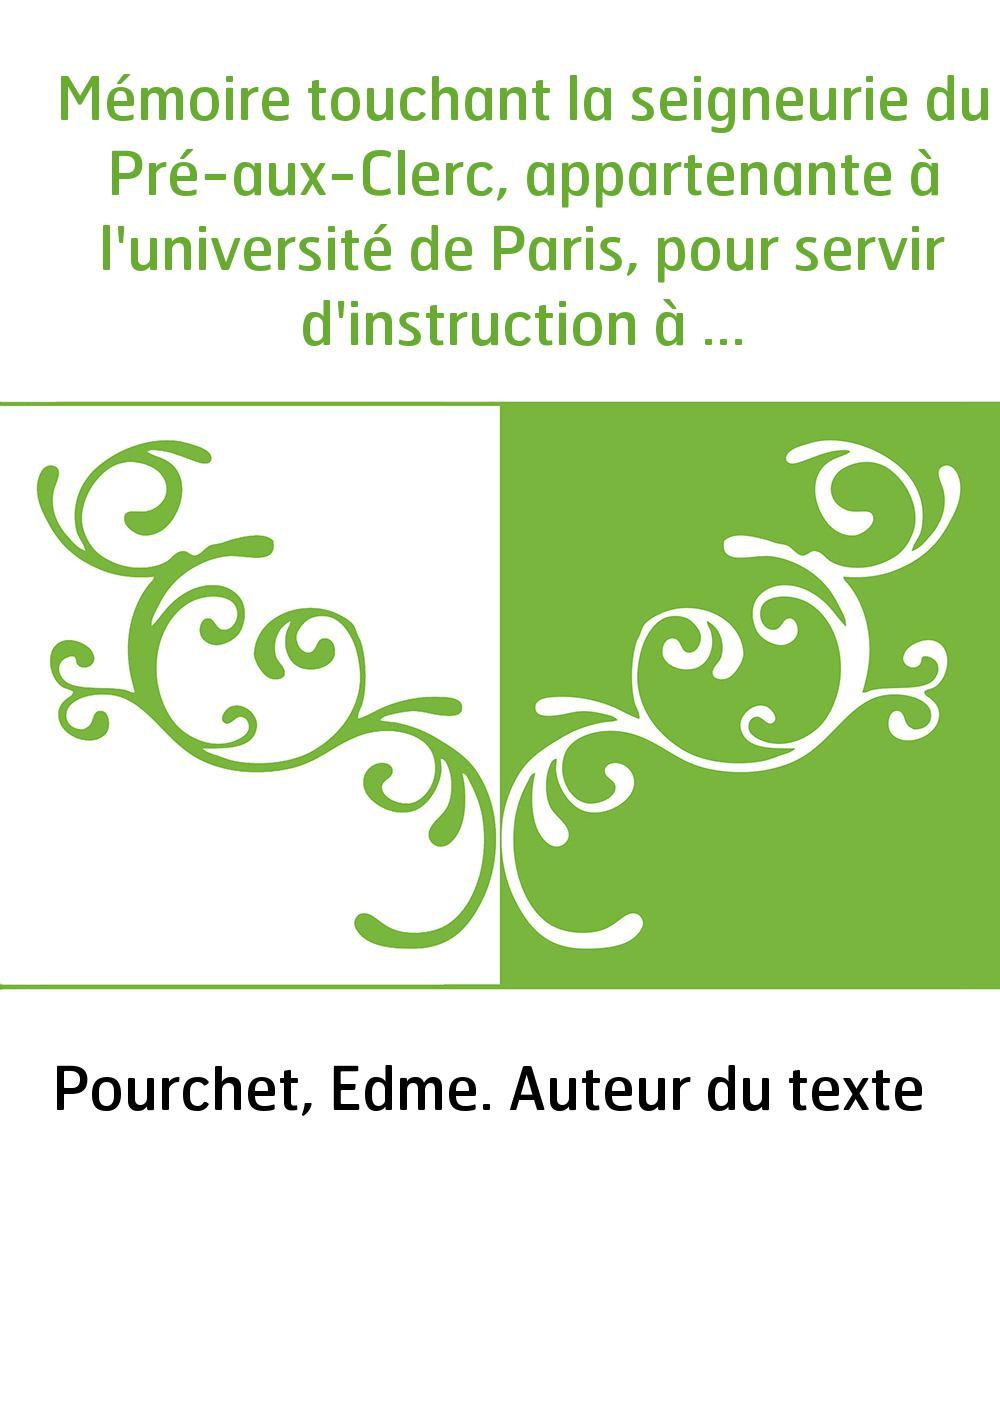 Mémoire touchant la seigneurie du Pré-aux-Clerc, appartenante à l'université de Paris, pour servir d'instruction à ceux qui doiv